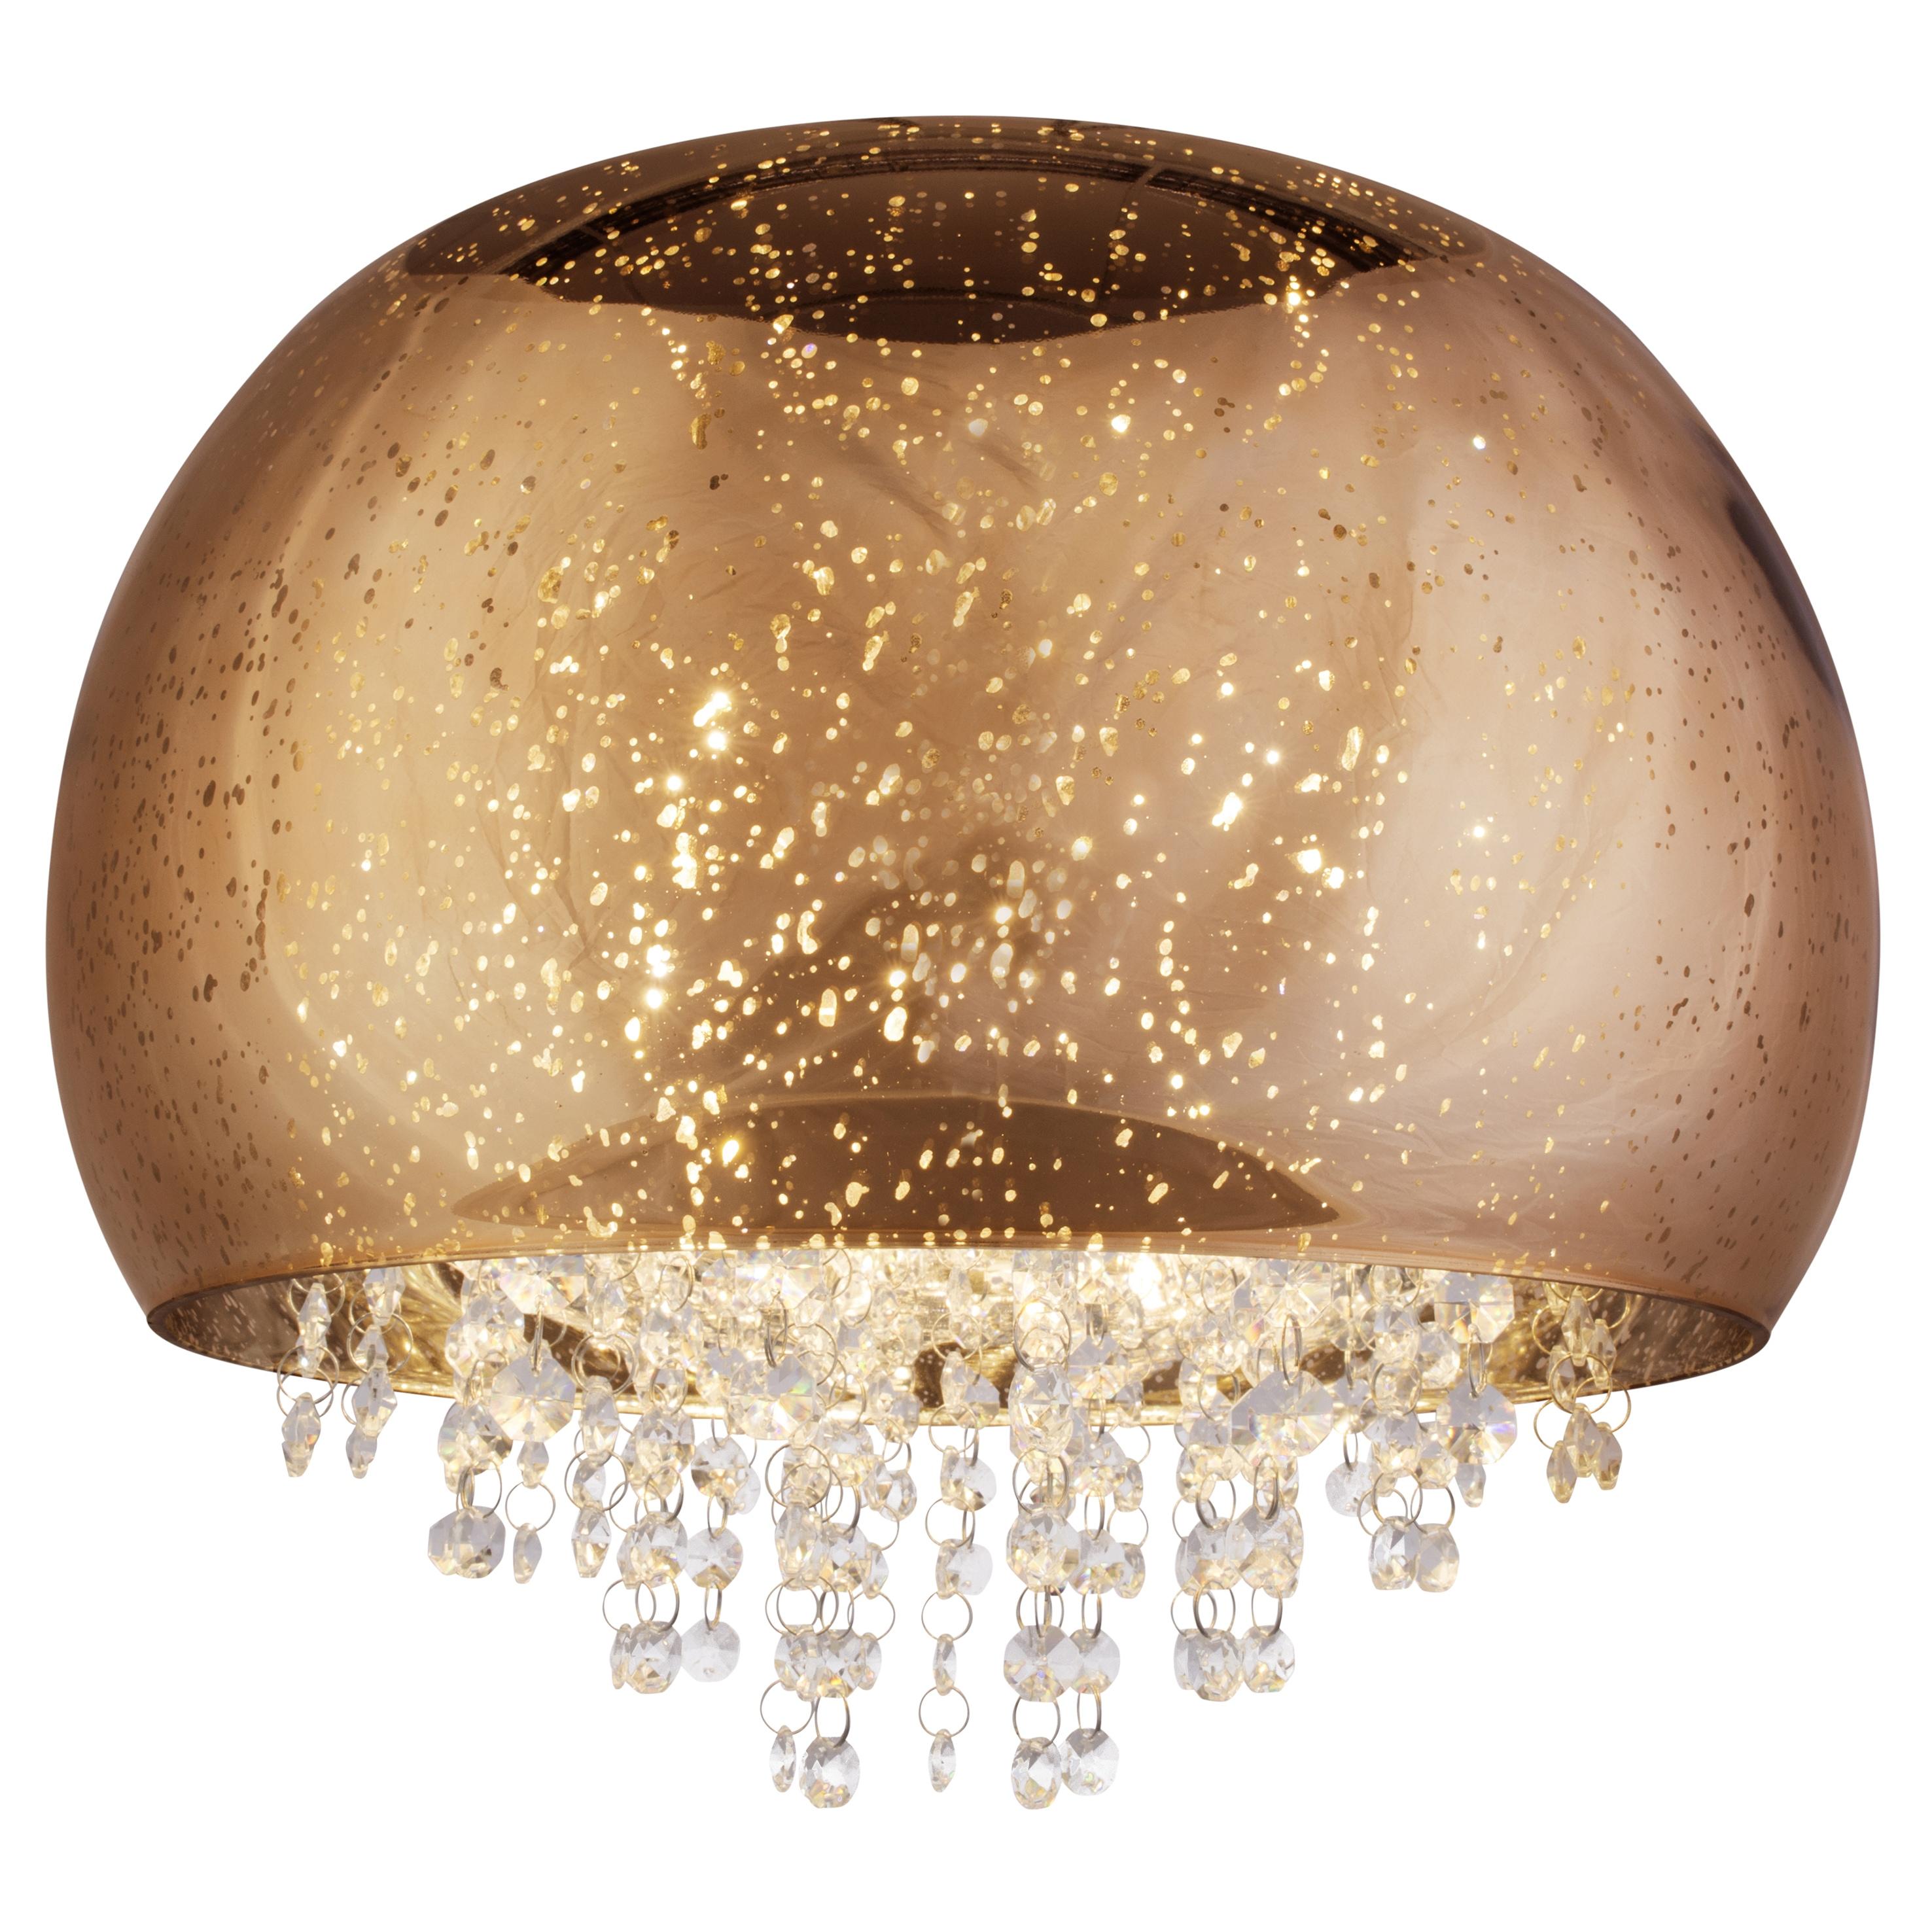 Brilliant Leuchten Brilliance Deckenleuchte 40cm kupfer/chrom